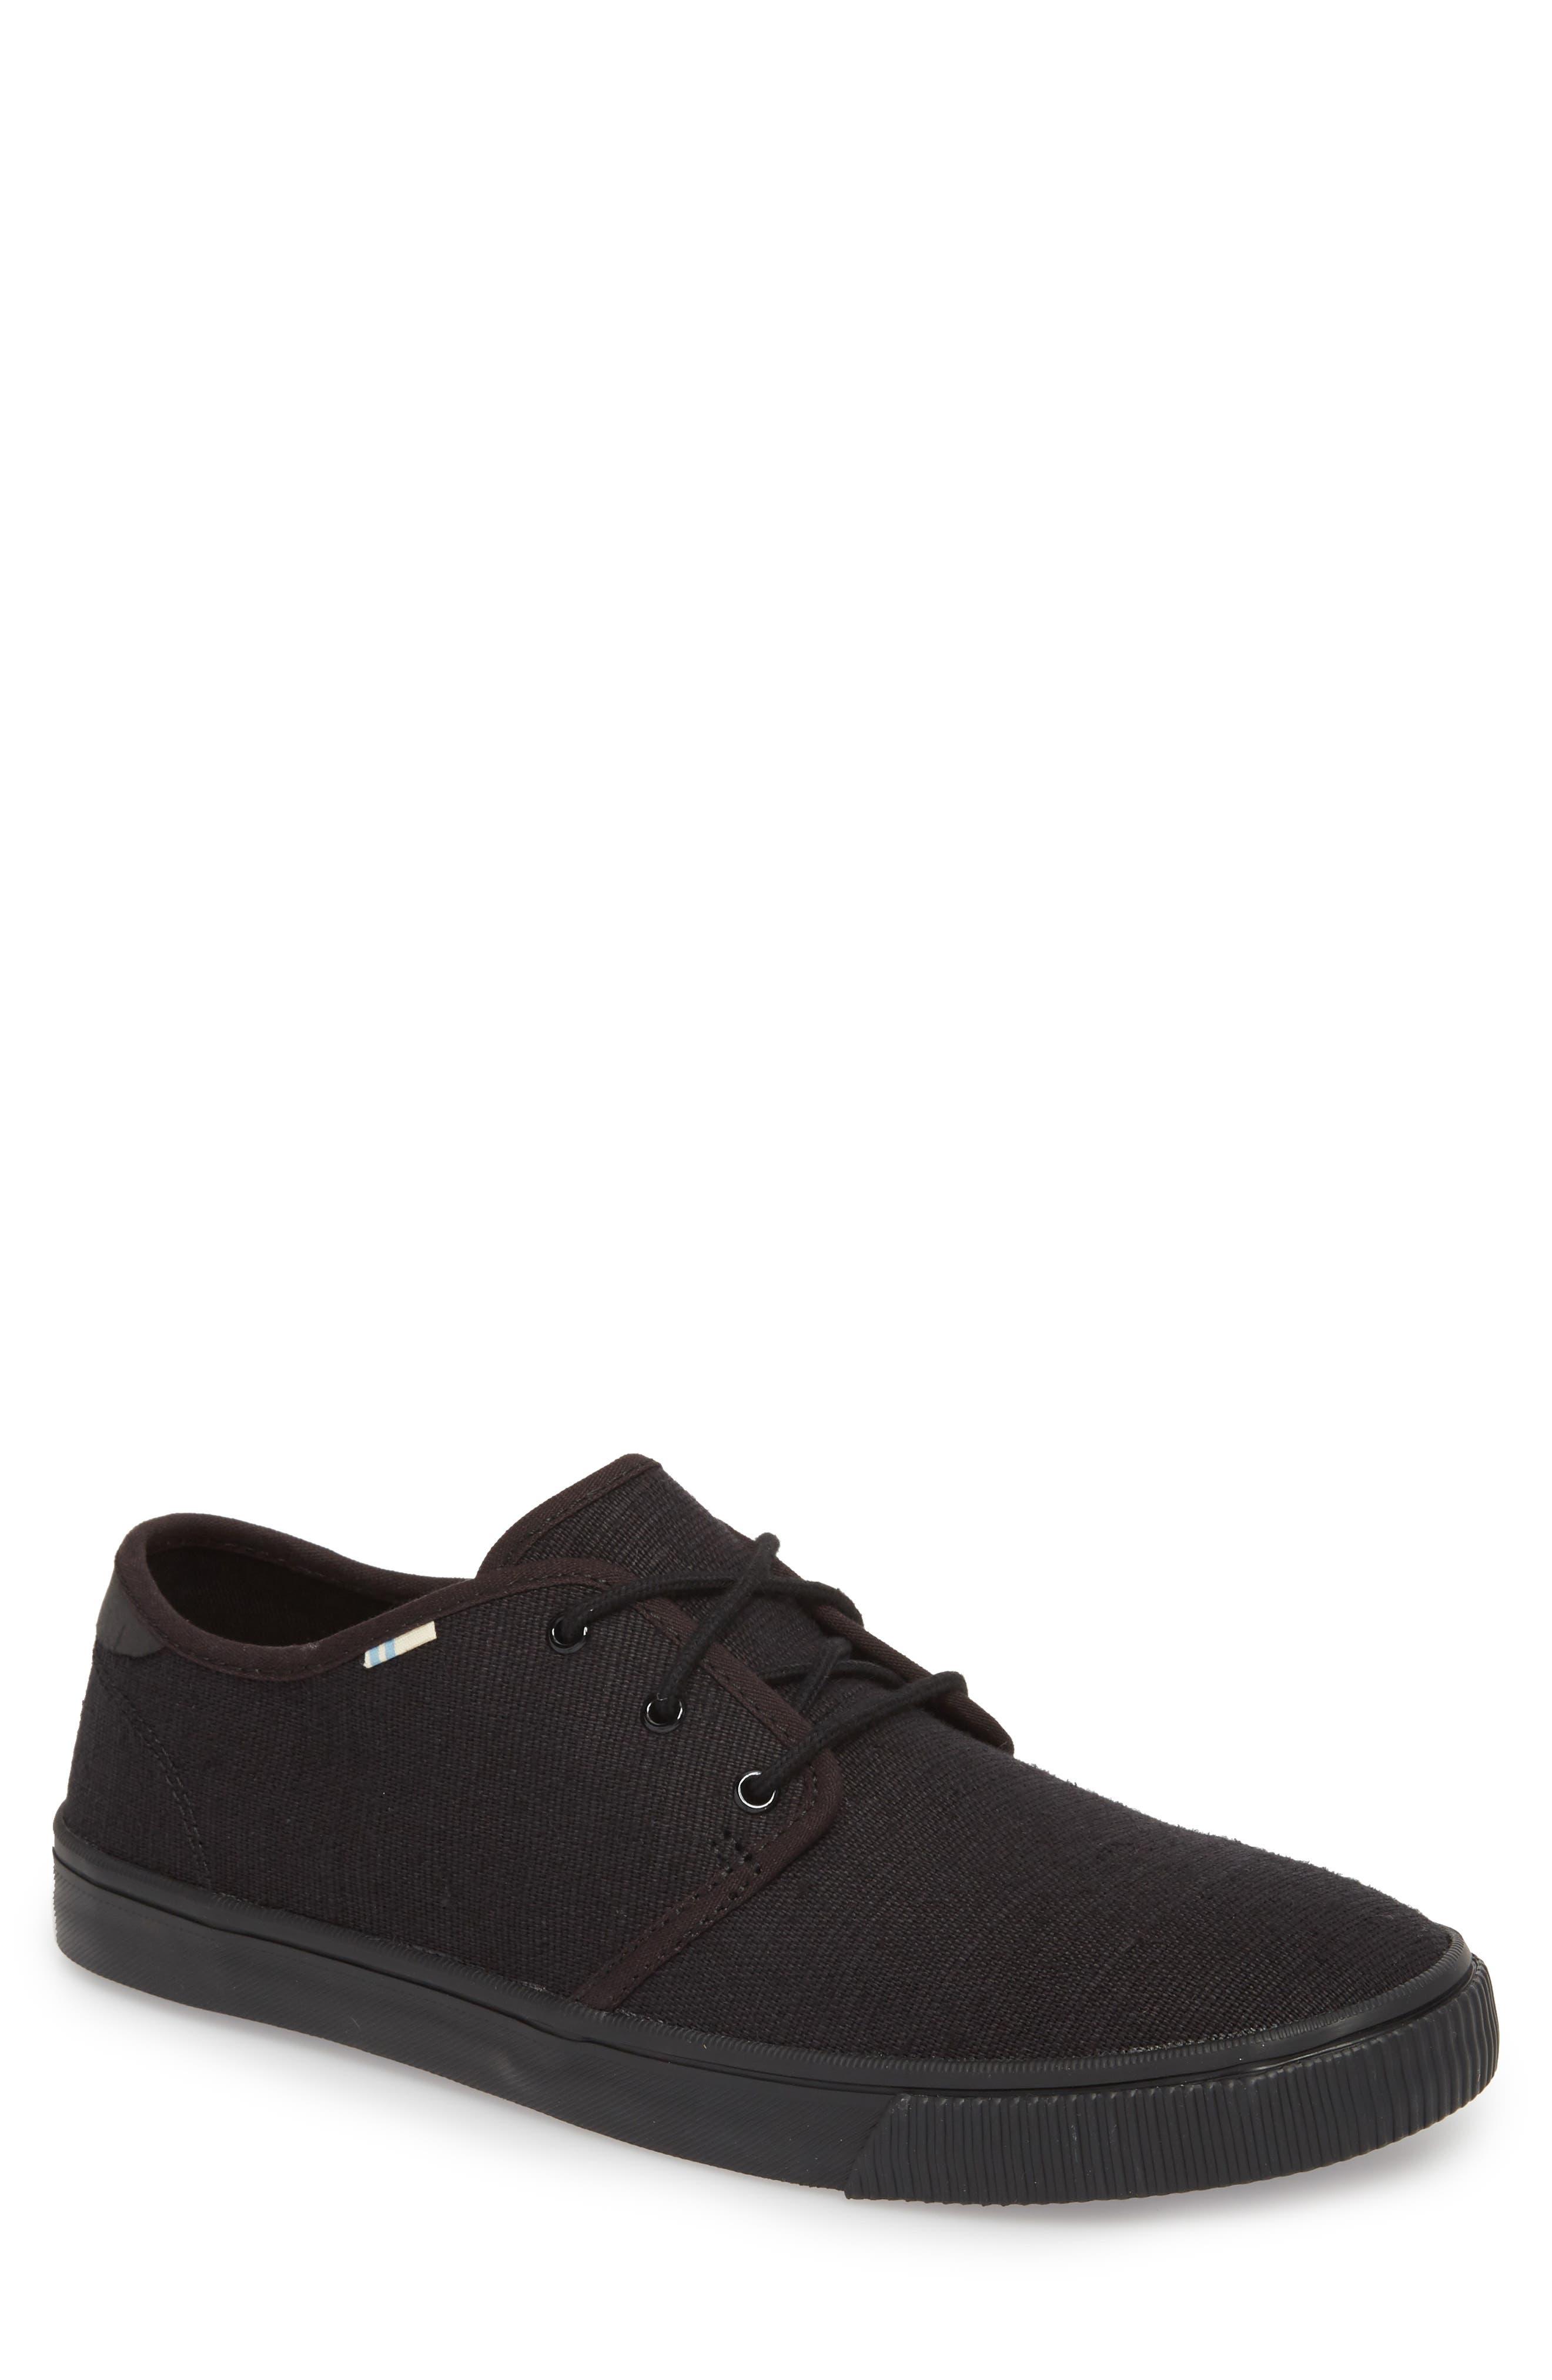 Carlo Low Top Sneaker,                         Main,                         color, BLACK/ BLACK HERITAGE CANVAS